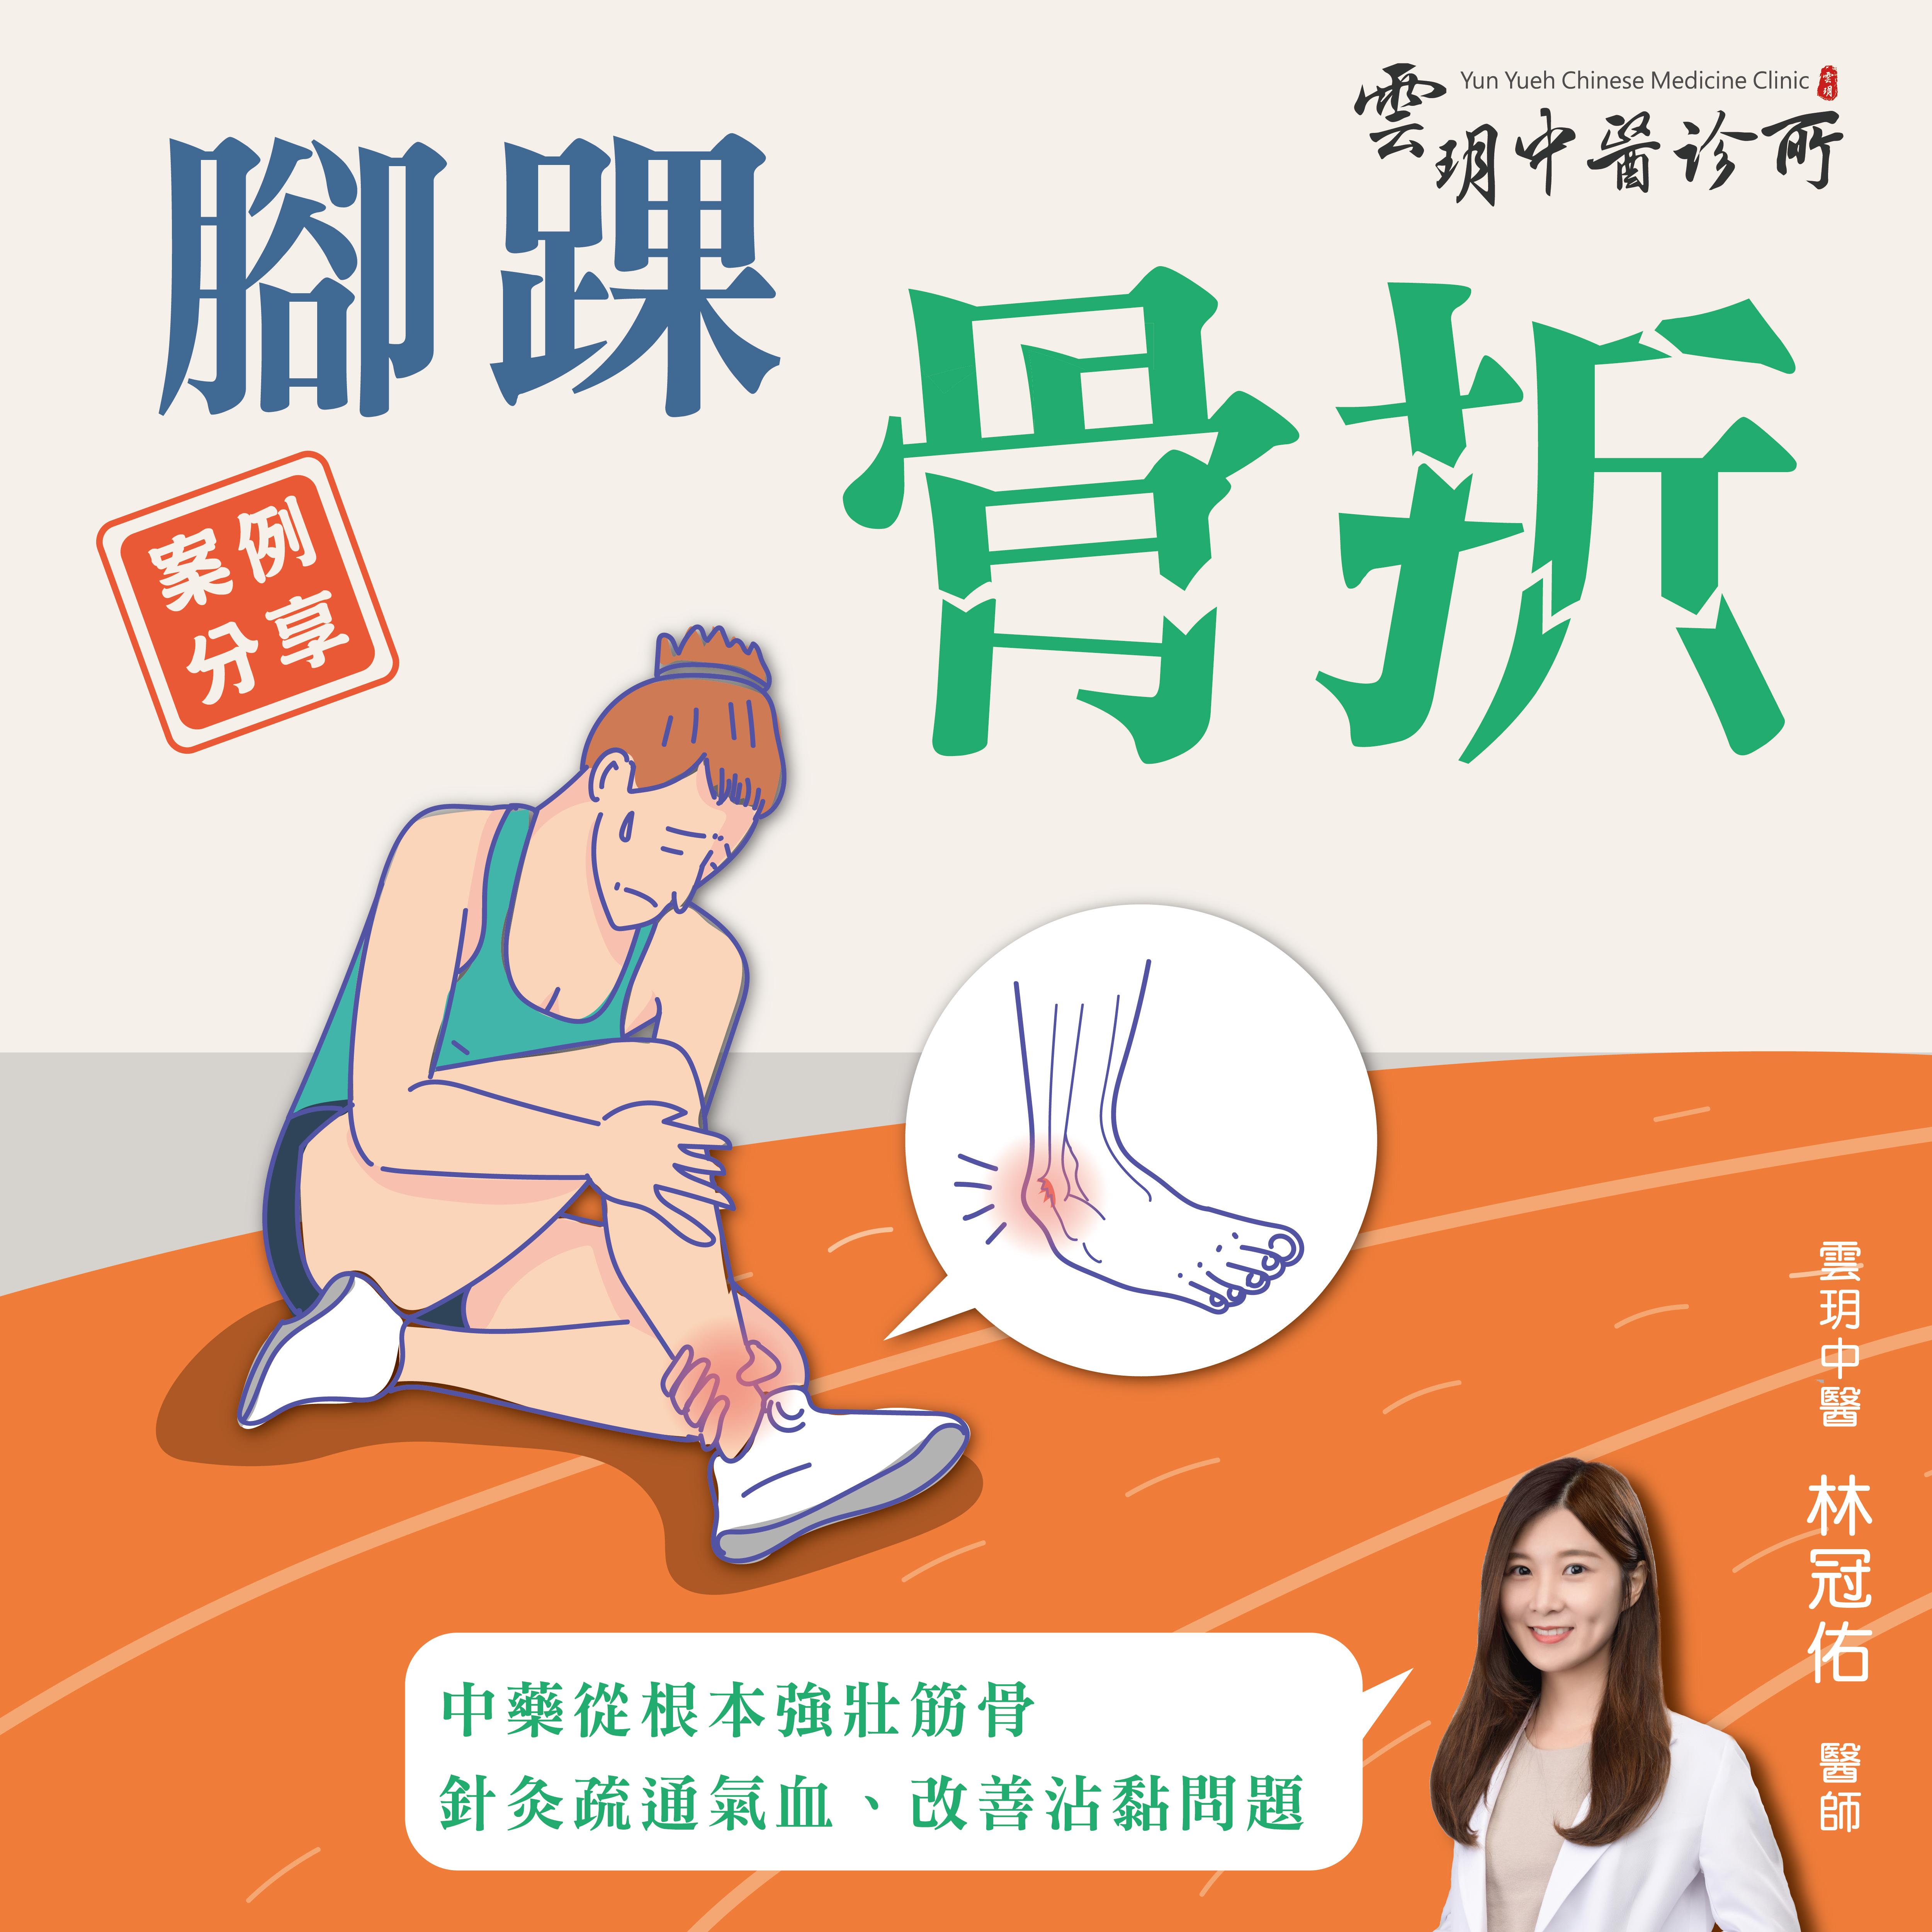 圖 片 三 - 右腳裸骨折案例分享ai-02